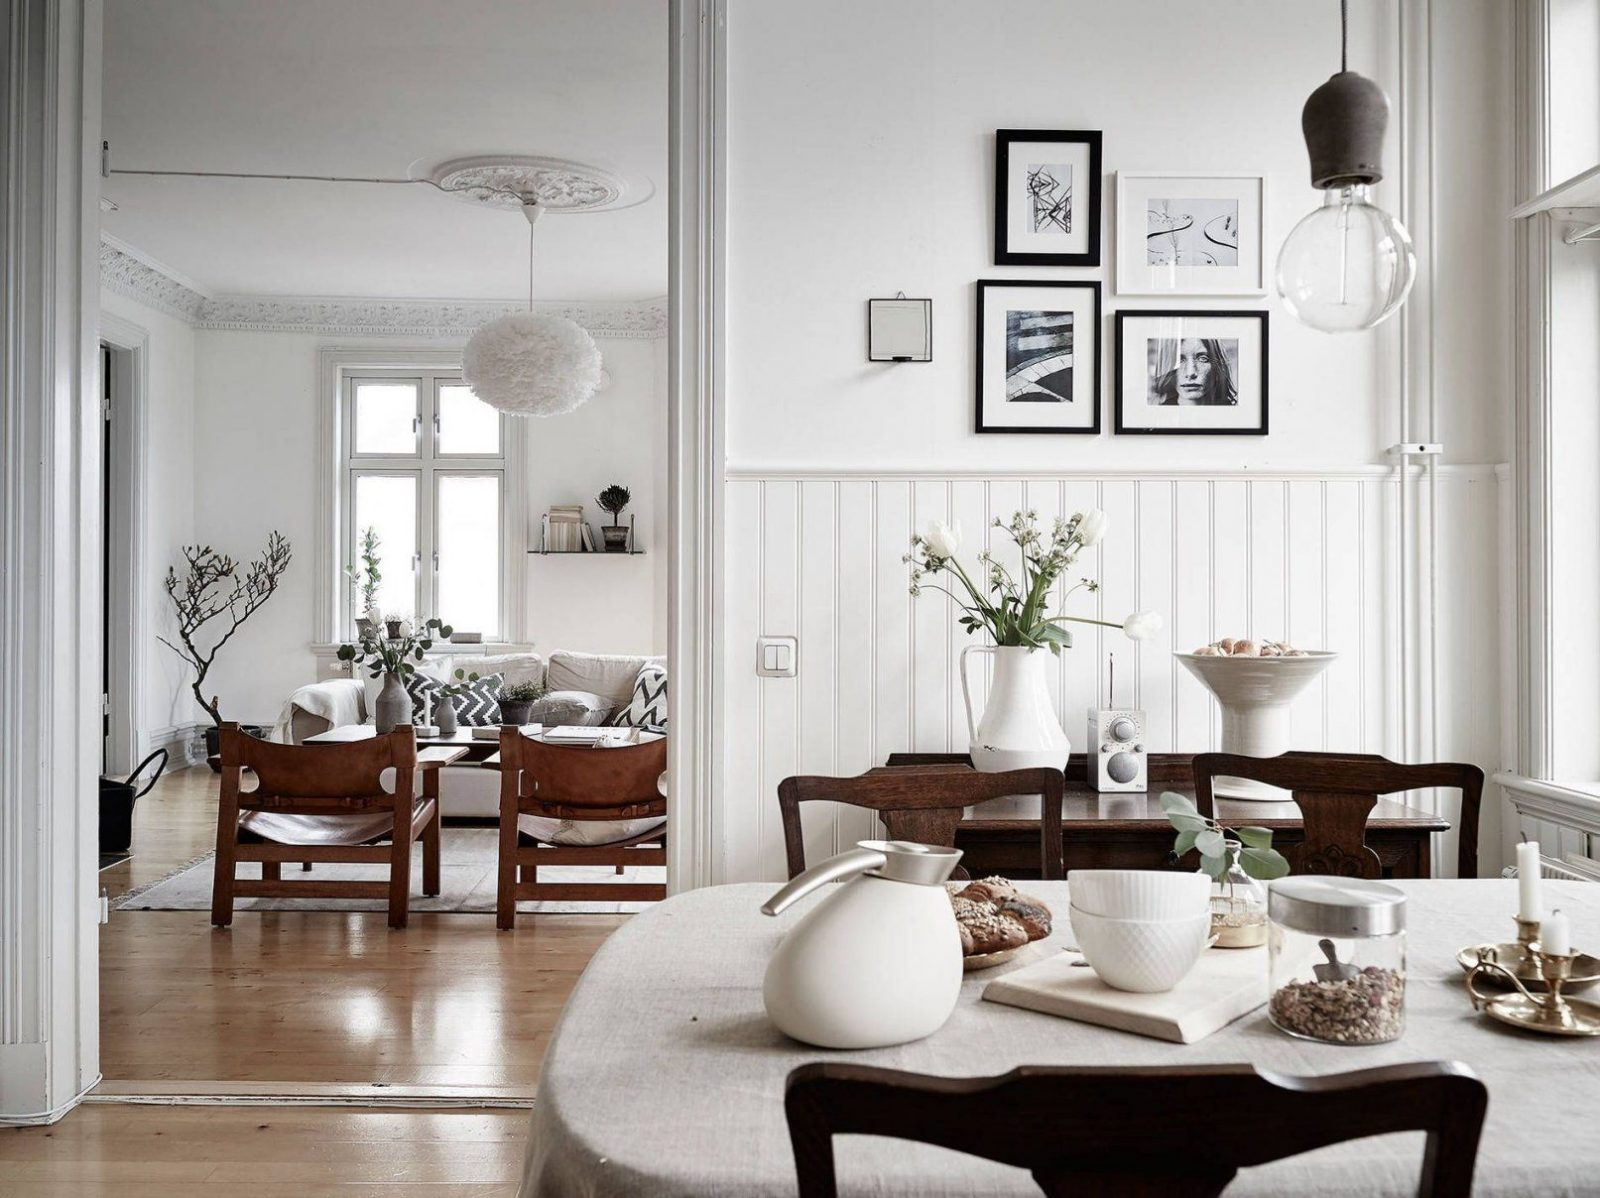 Schwedischer Altbau 12  Einrichten Und Wohnen  Pinterest von Schwedischer Landhausstil Einrichten Dekorieren Akzente Setzen Bild